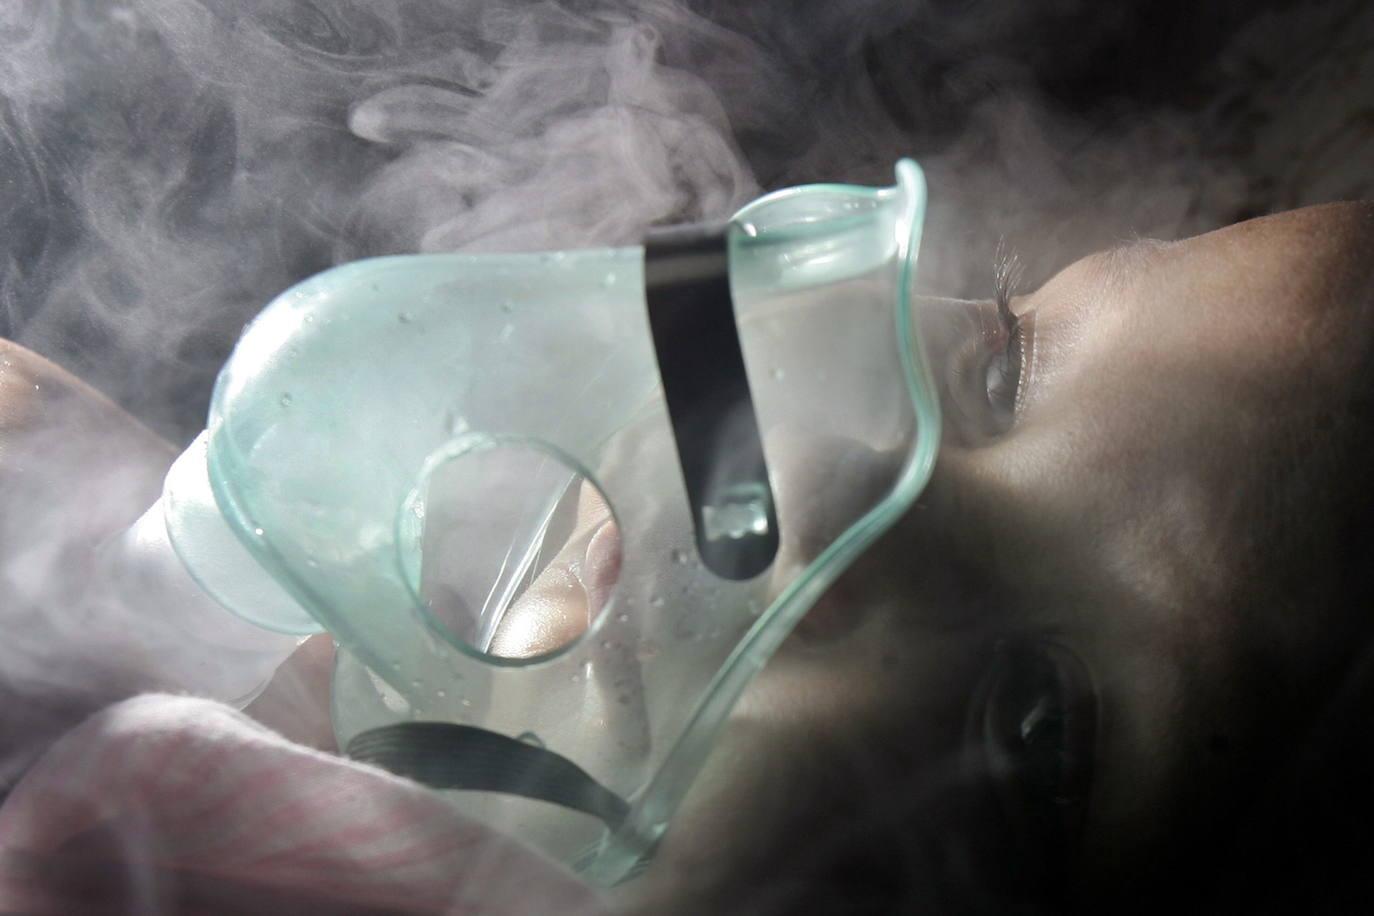 Cada 39 segundos muere un niño por neumonía, según un informe de la ONU